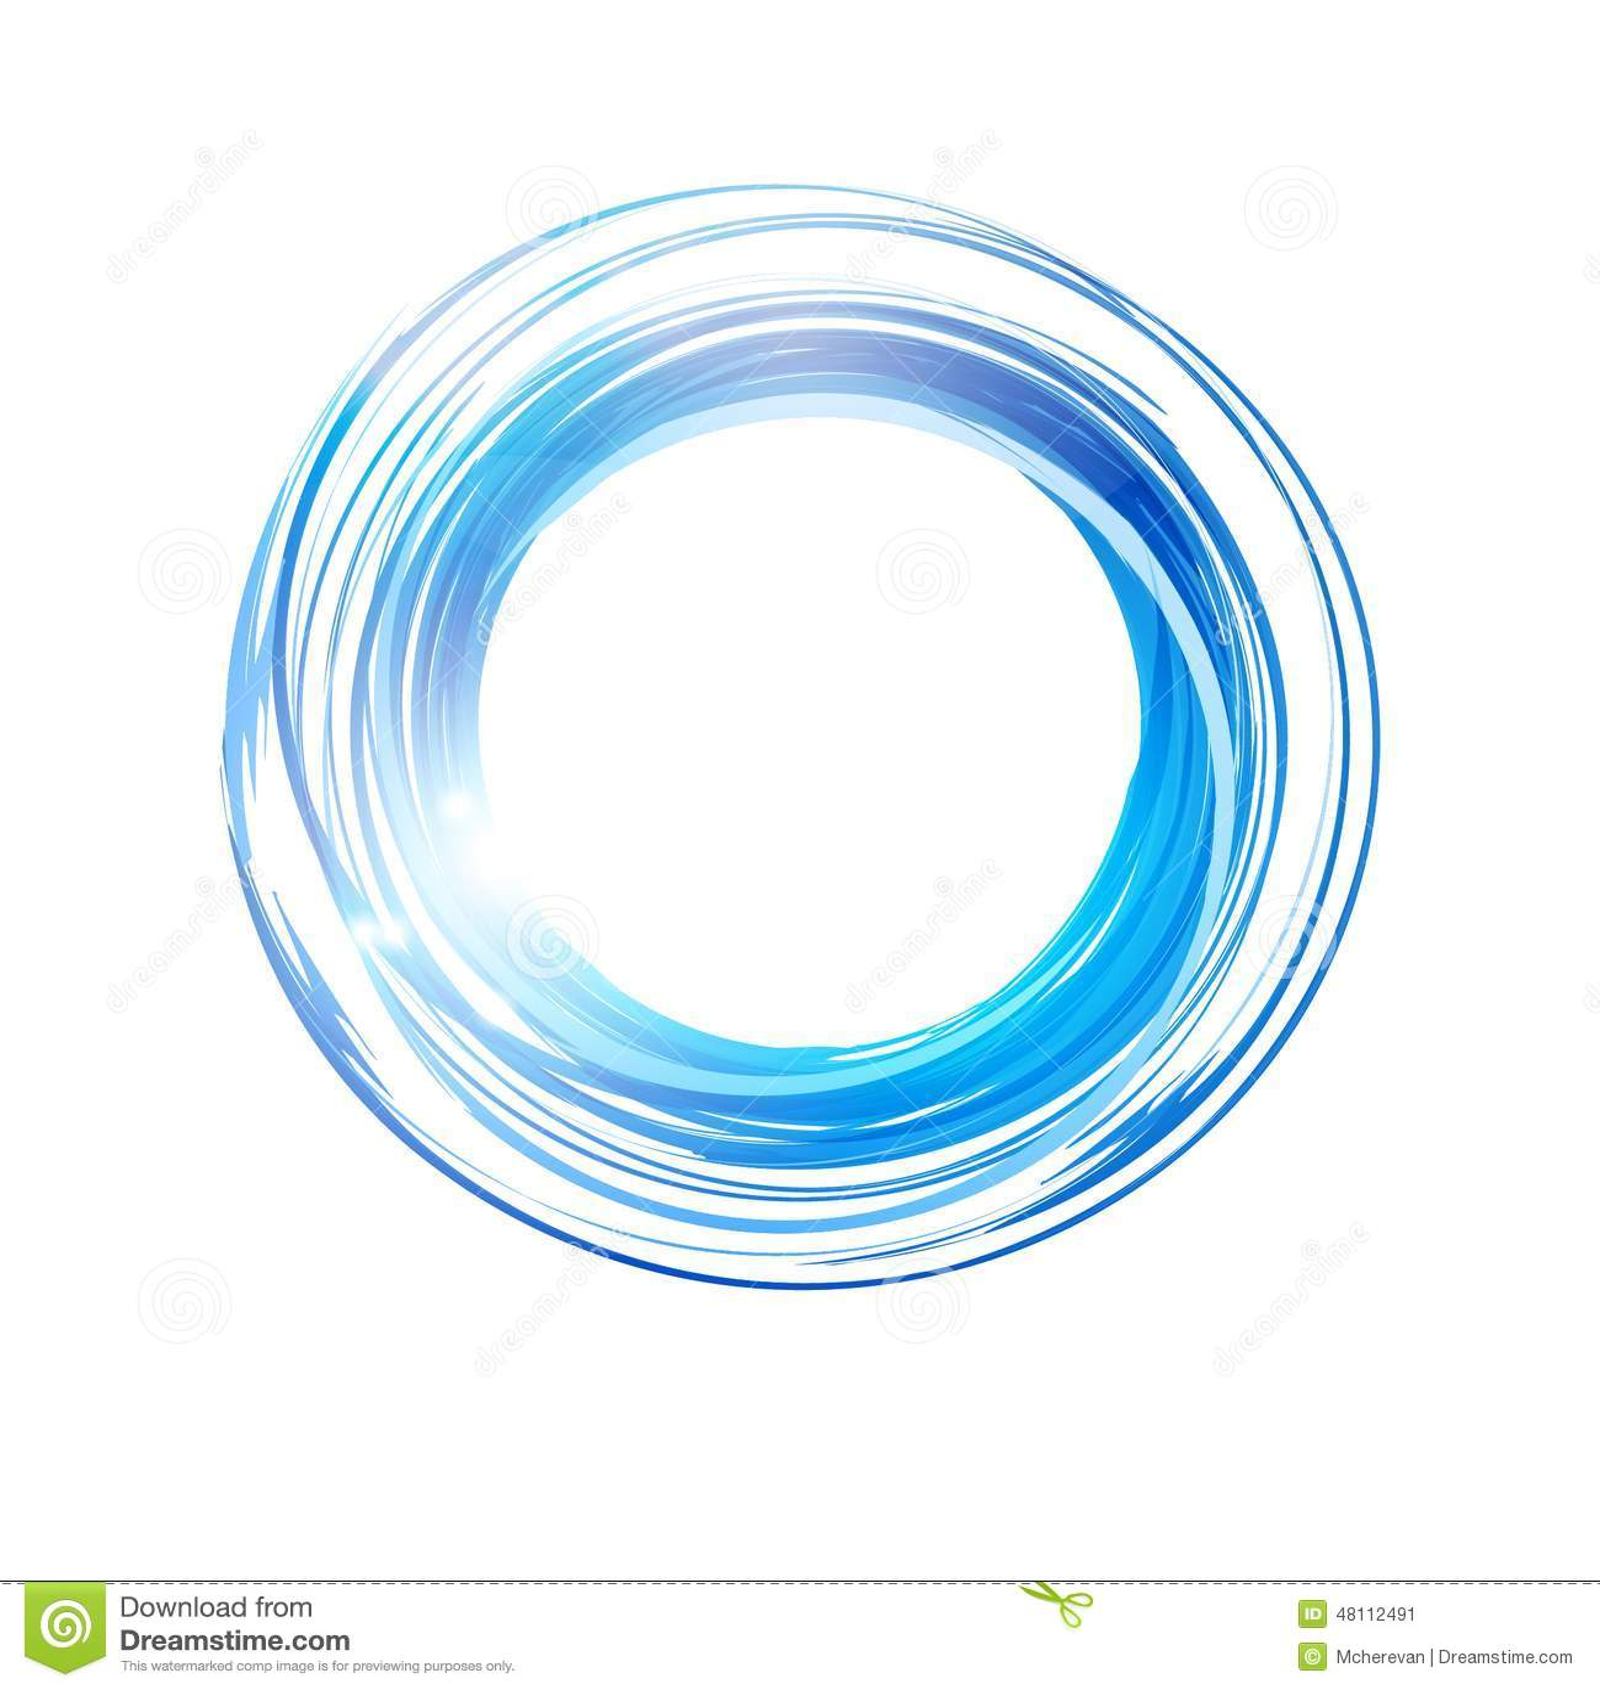 Vector Abstract Blue Circle. Banner, Logo Design Template